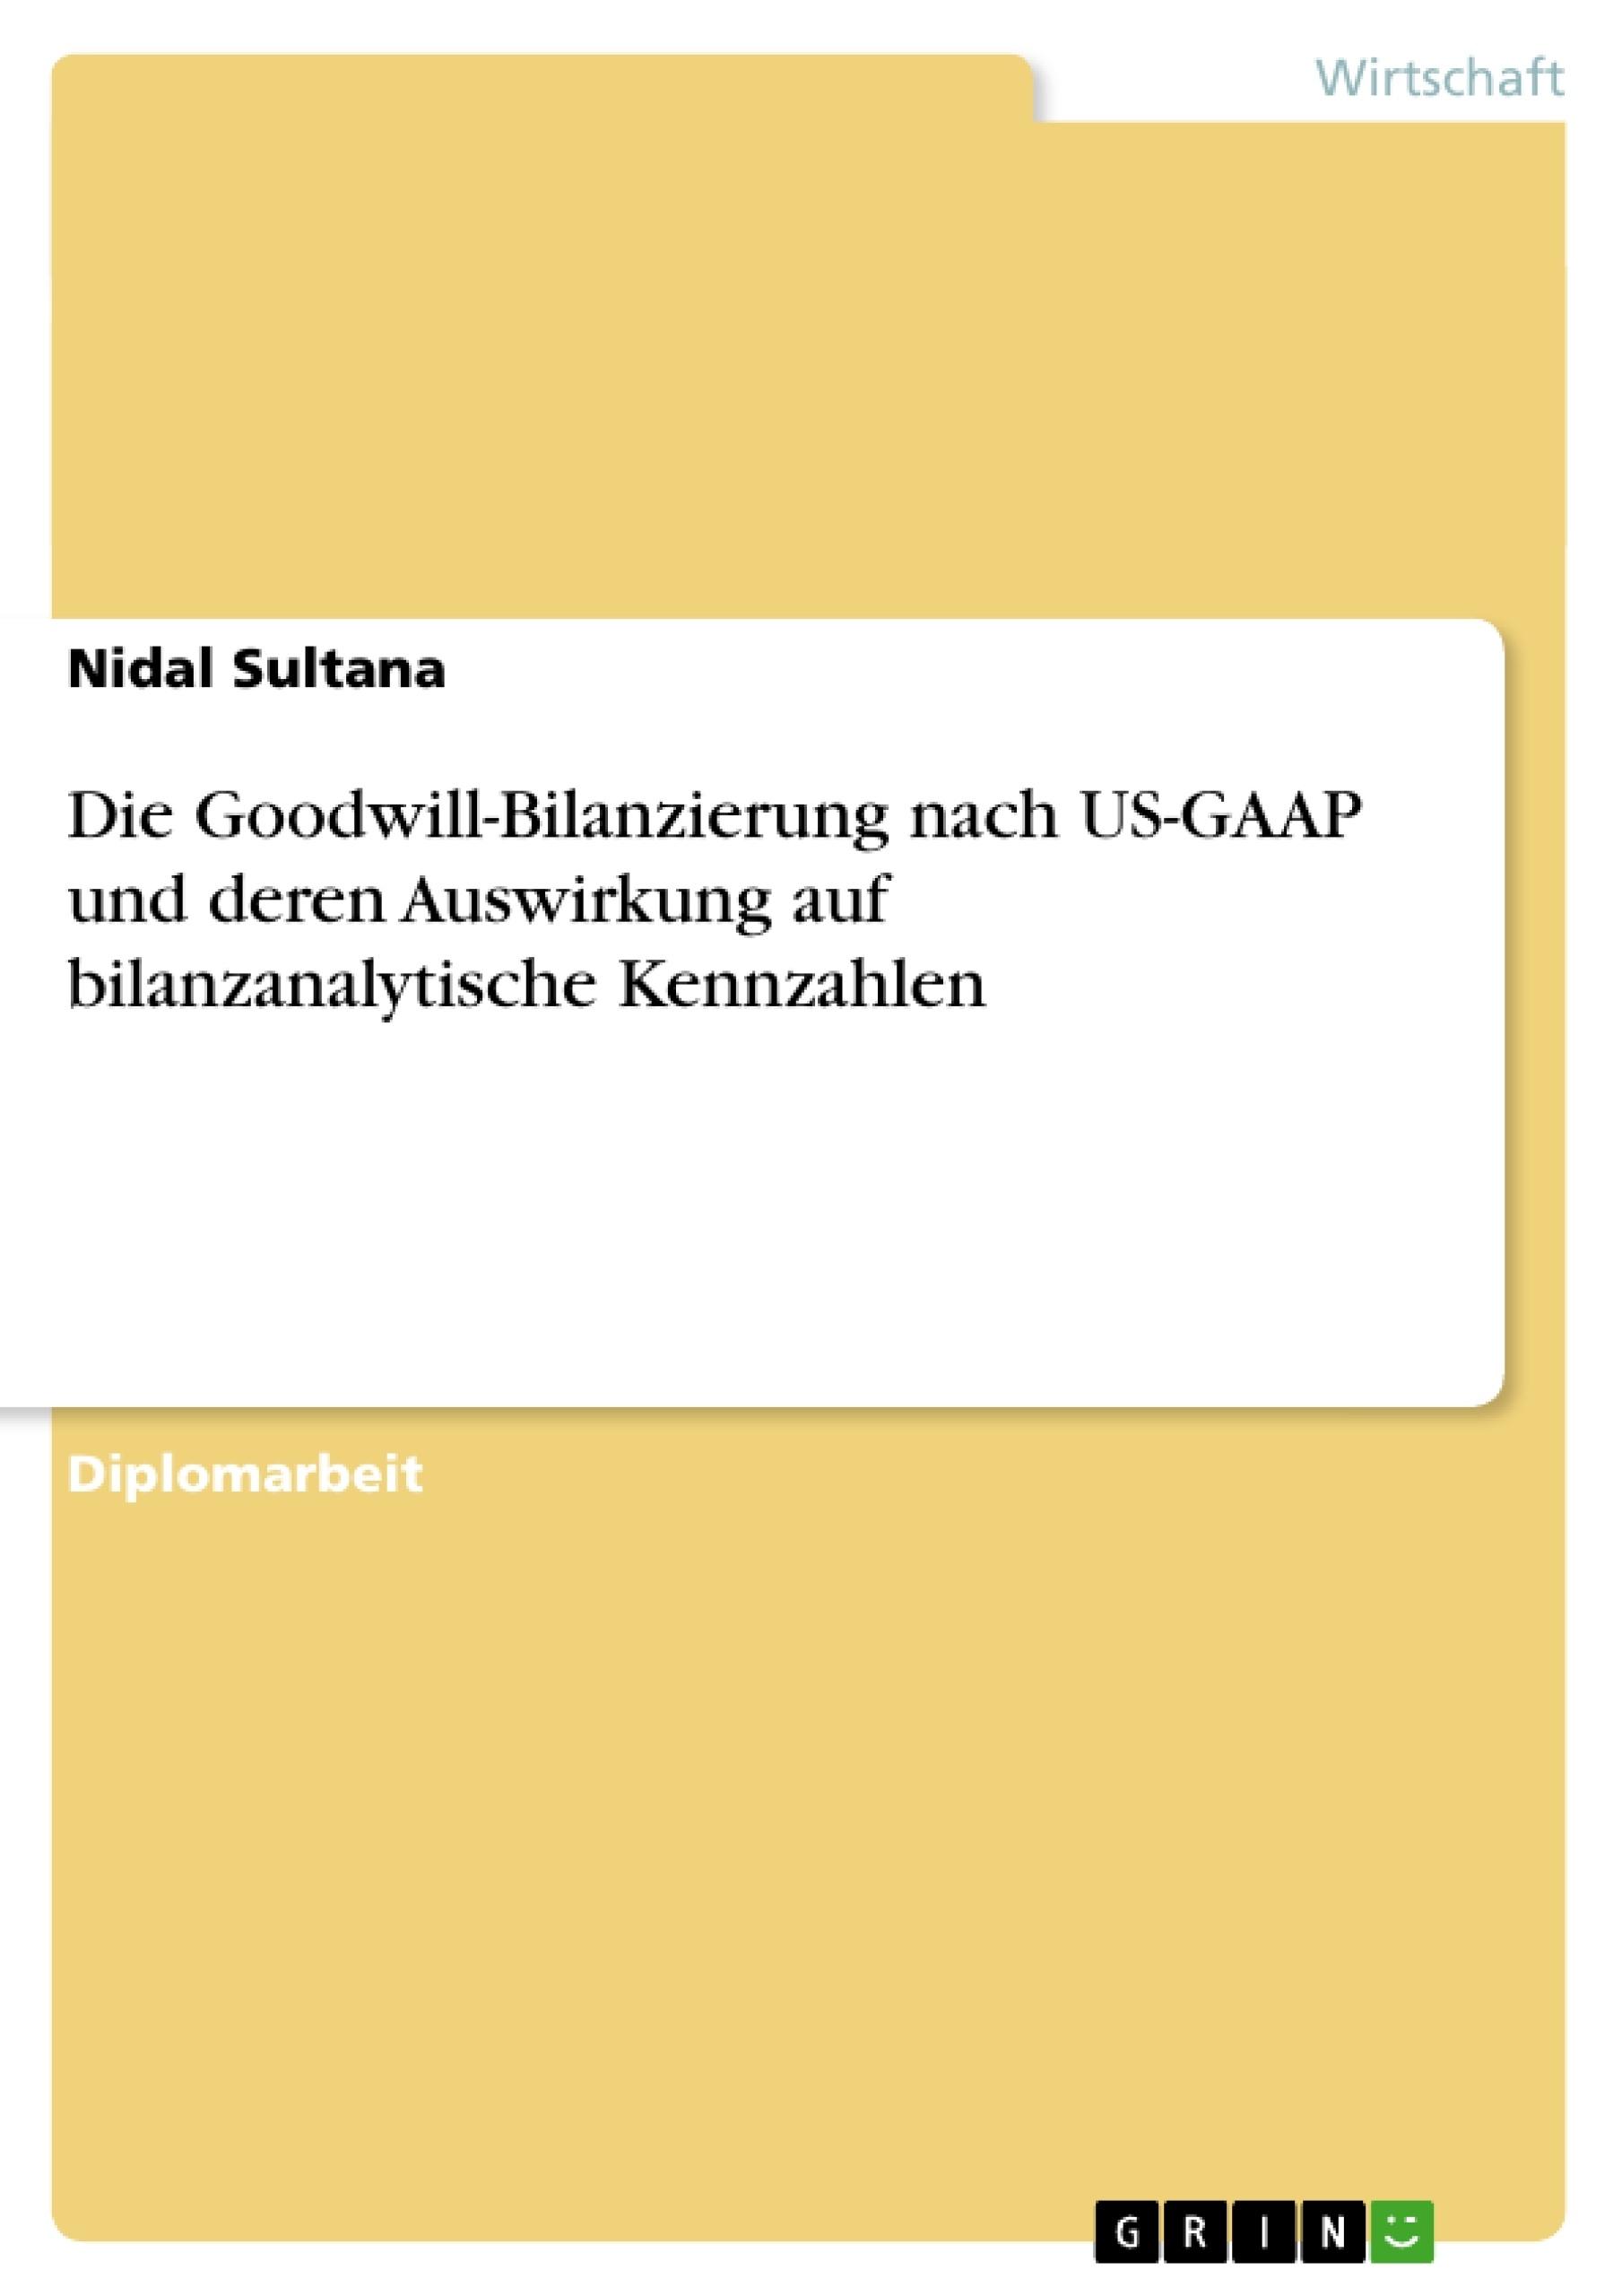 Titel: Die Goodwill-Bilanzierung nach US-GAAP und deren Auswirkung auf bilanzanalytische Kennzahlen